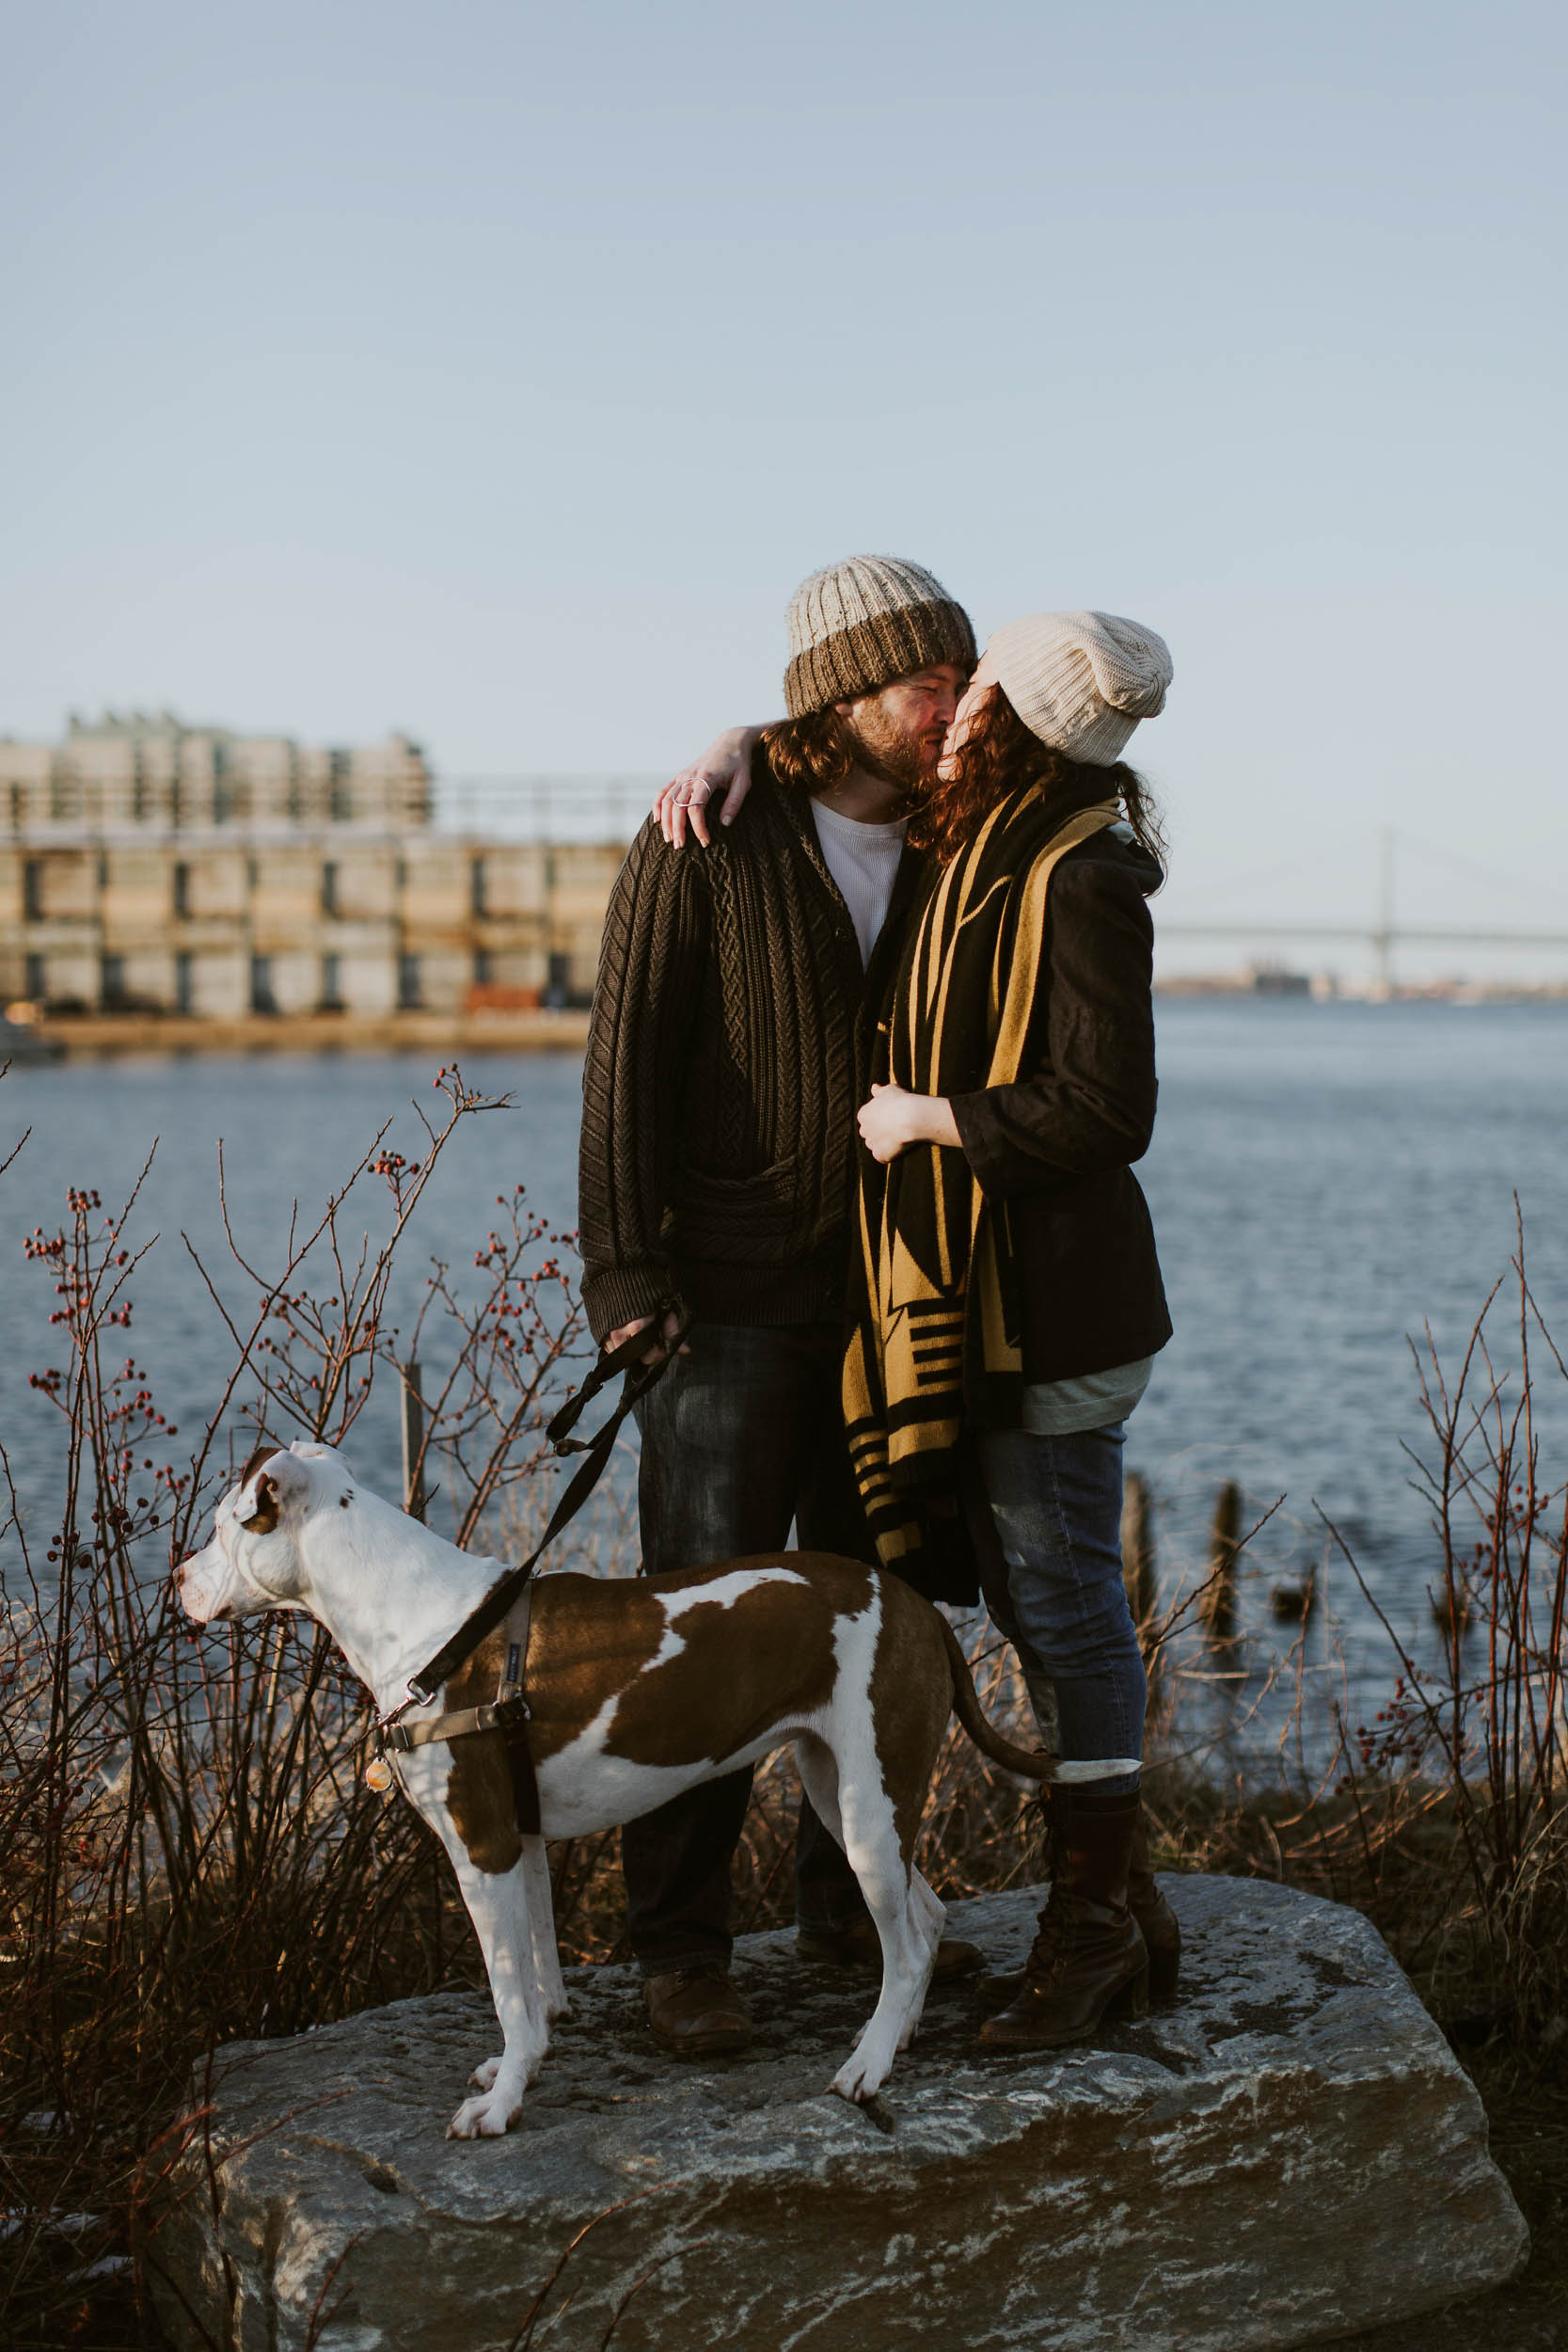 Kristen-Humbert-Family-Photoshoot-Philadelphia_Ruby-James-W-2-36.jpg